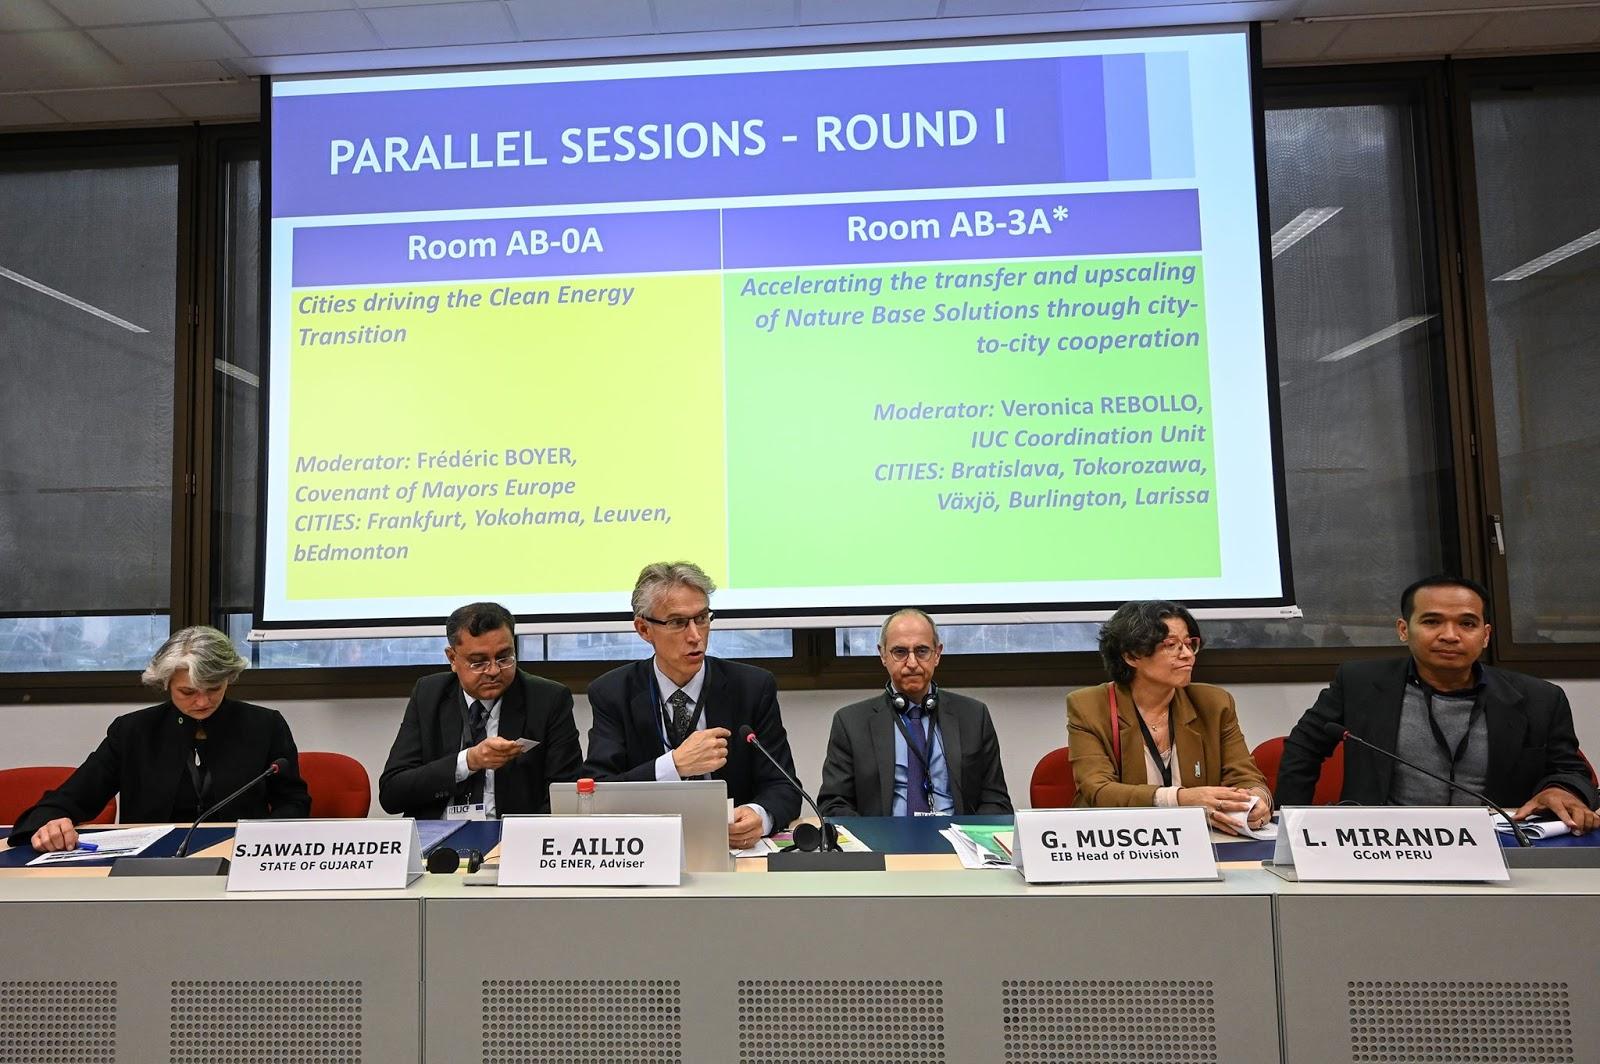 Παρουσίαση της συνεργασίας Λάρισας – Μιραφλόρες σε Διεθνείς Συναντήσεις